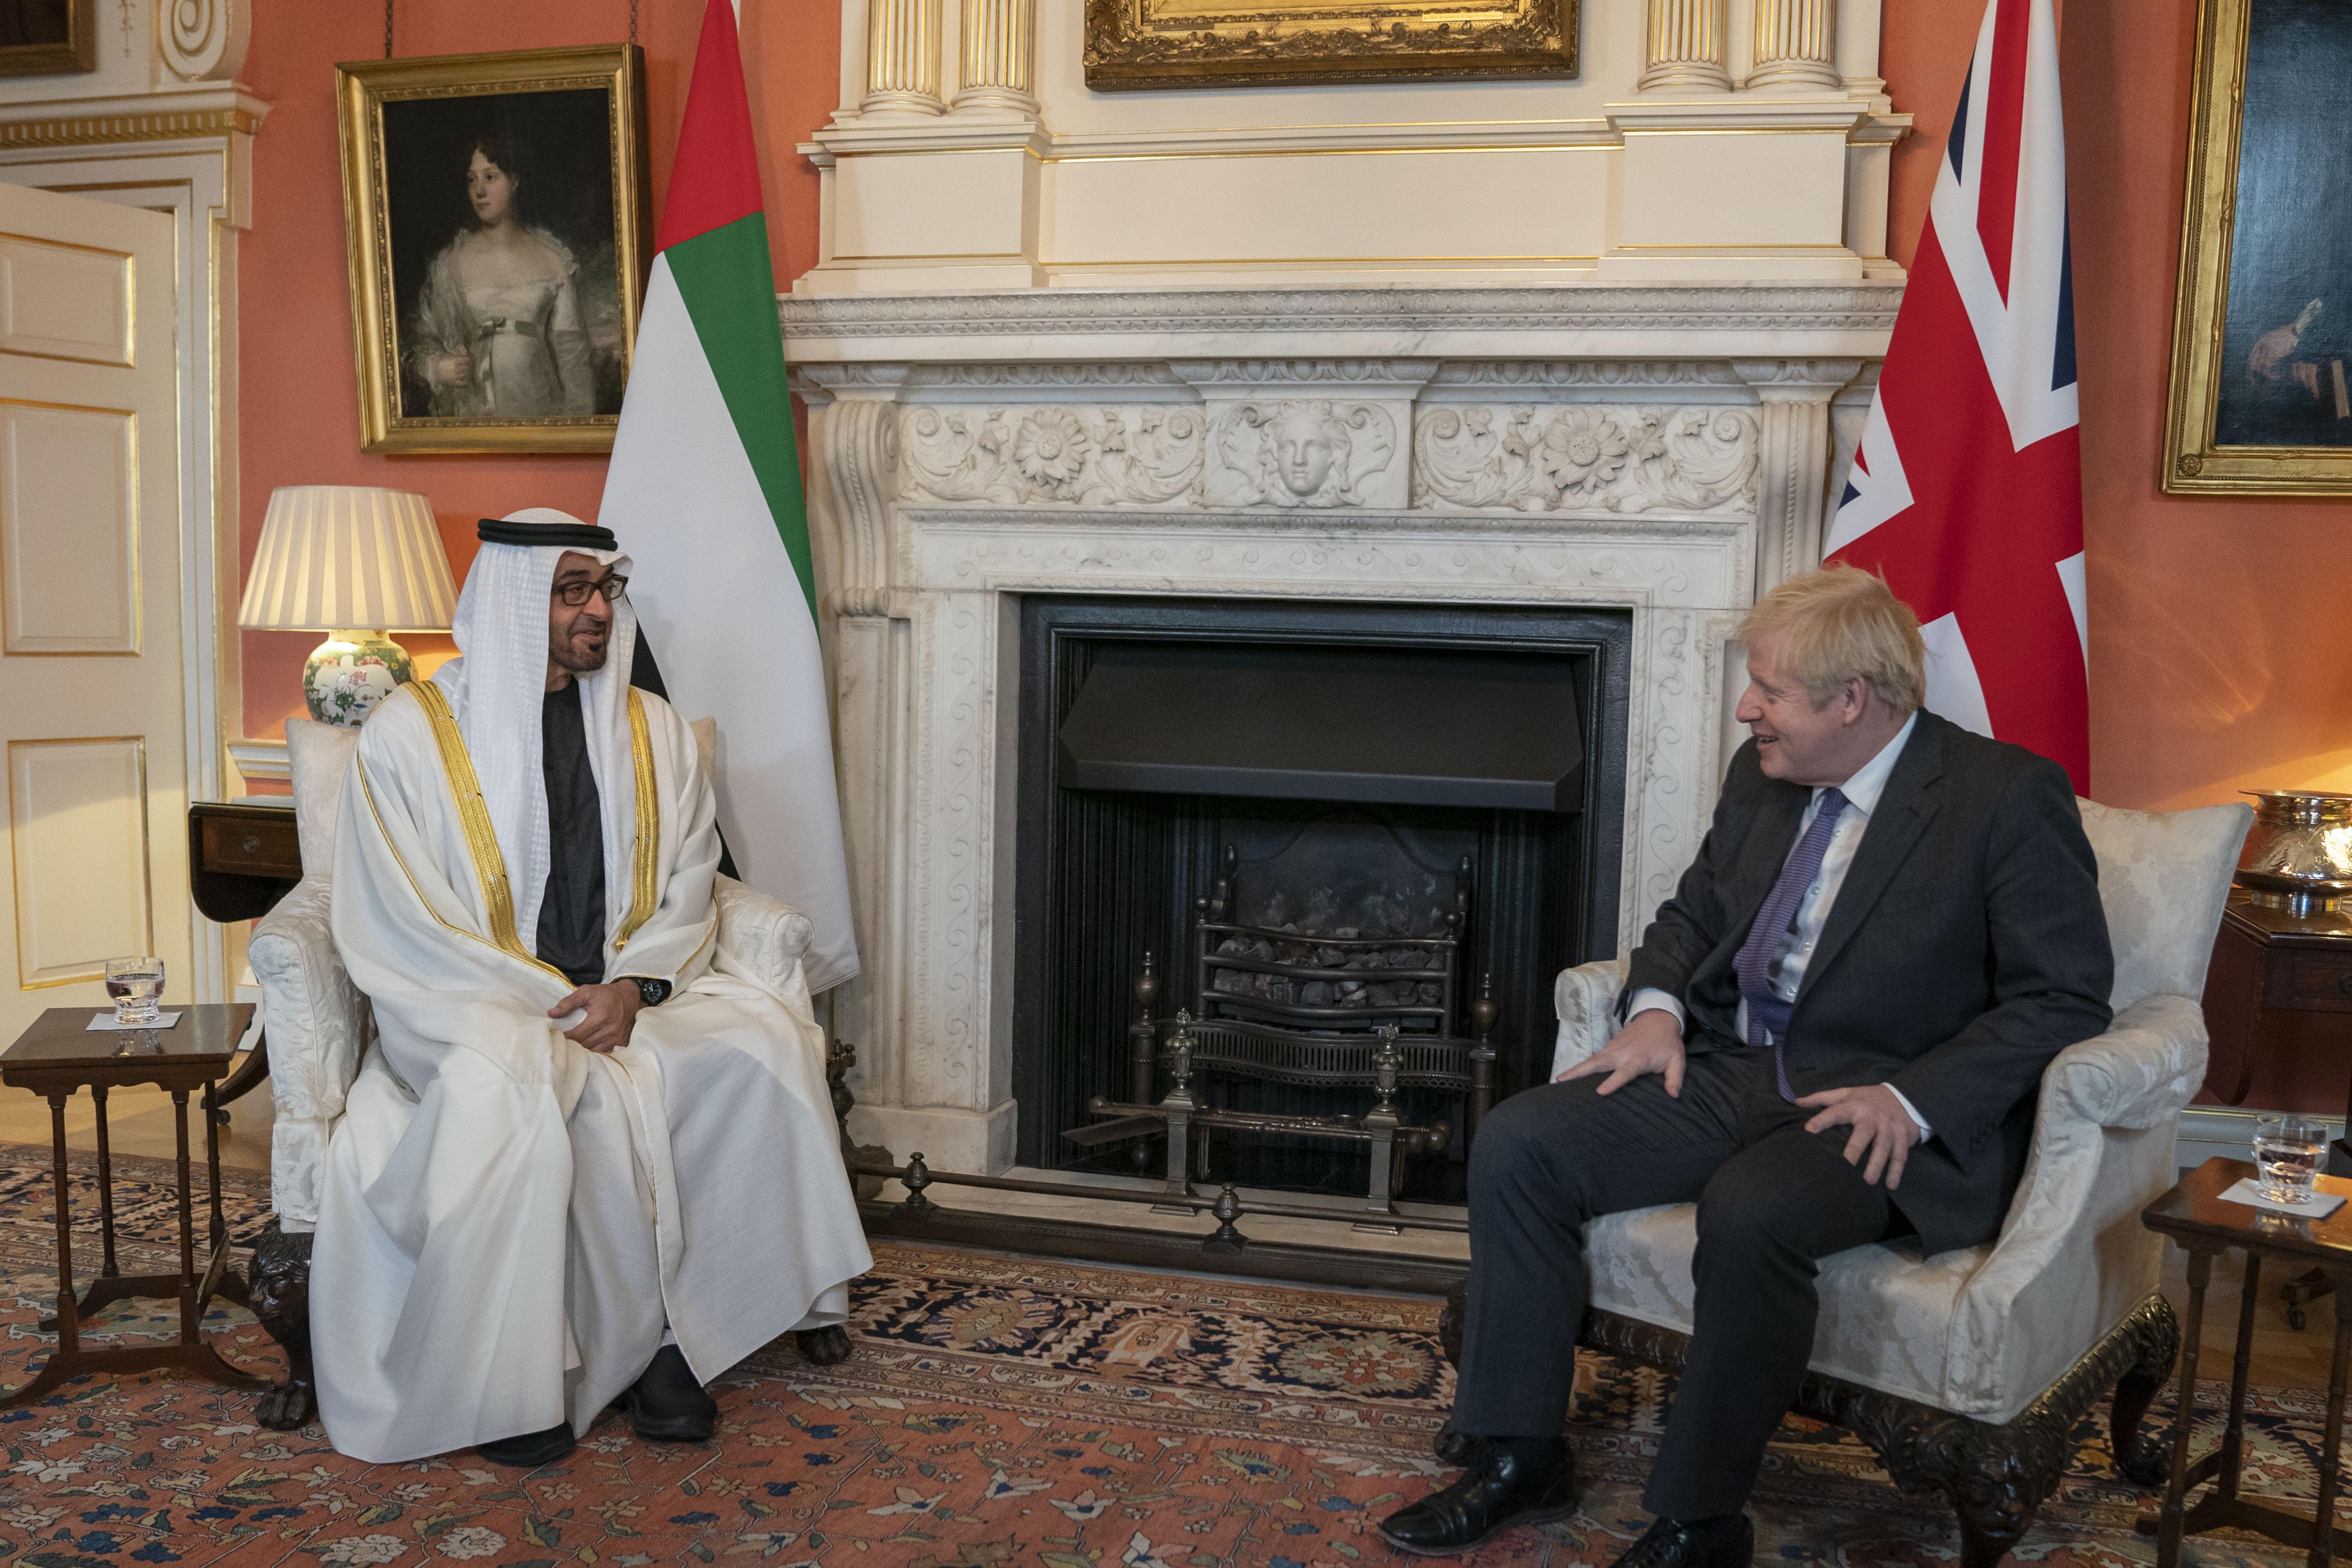 محمد بن زايد يبحث العلاقات الثنائية وقضايا المنطقة مع رئيس الوزراء البريطاني